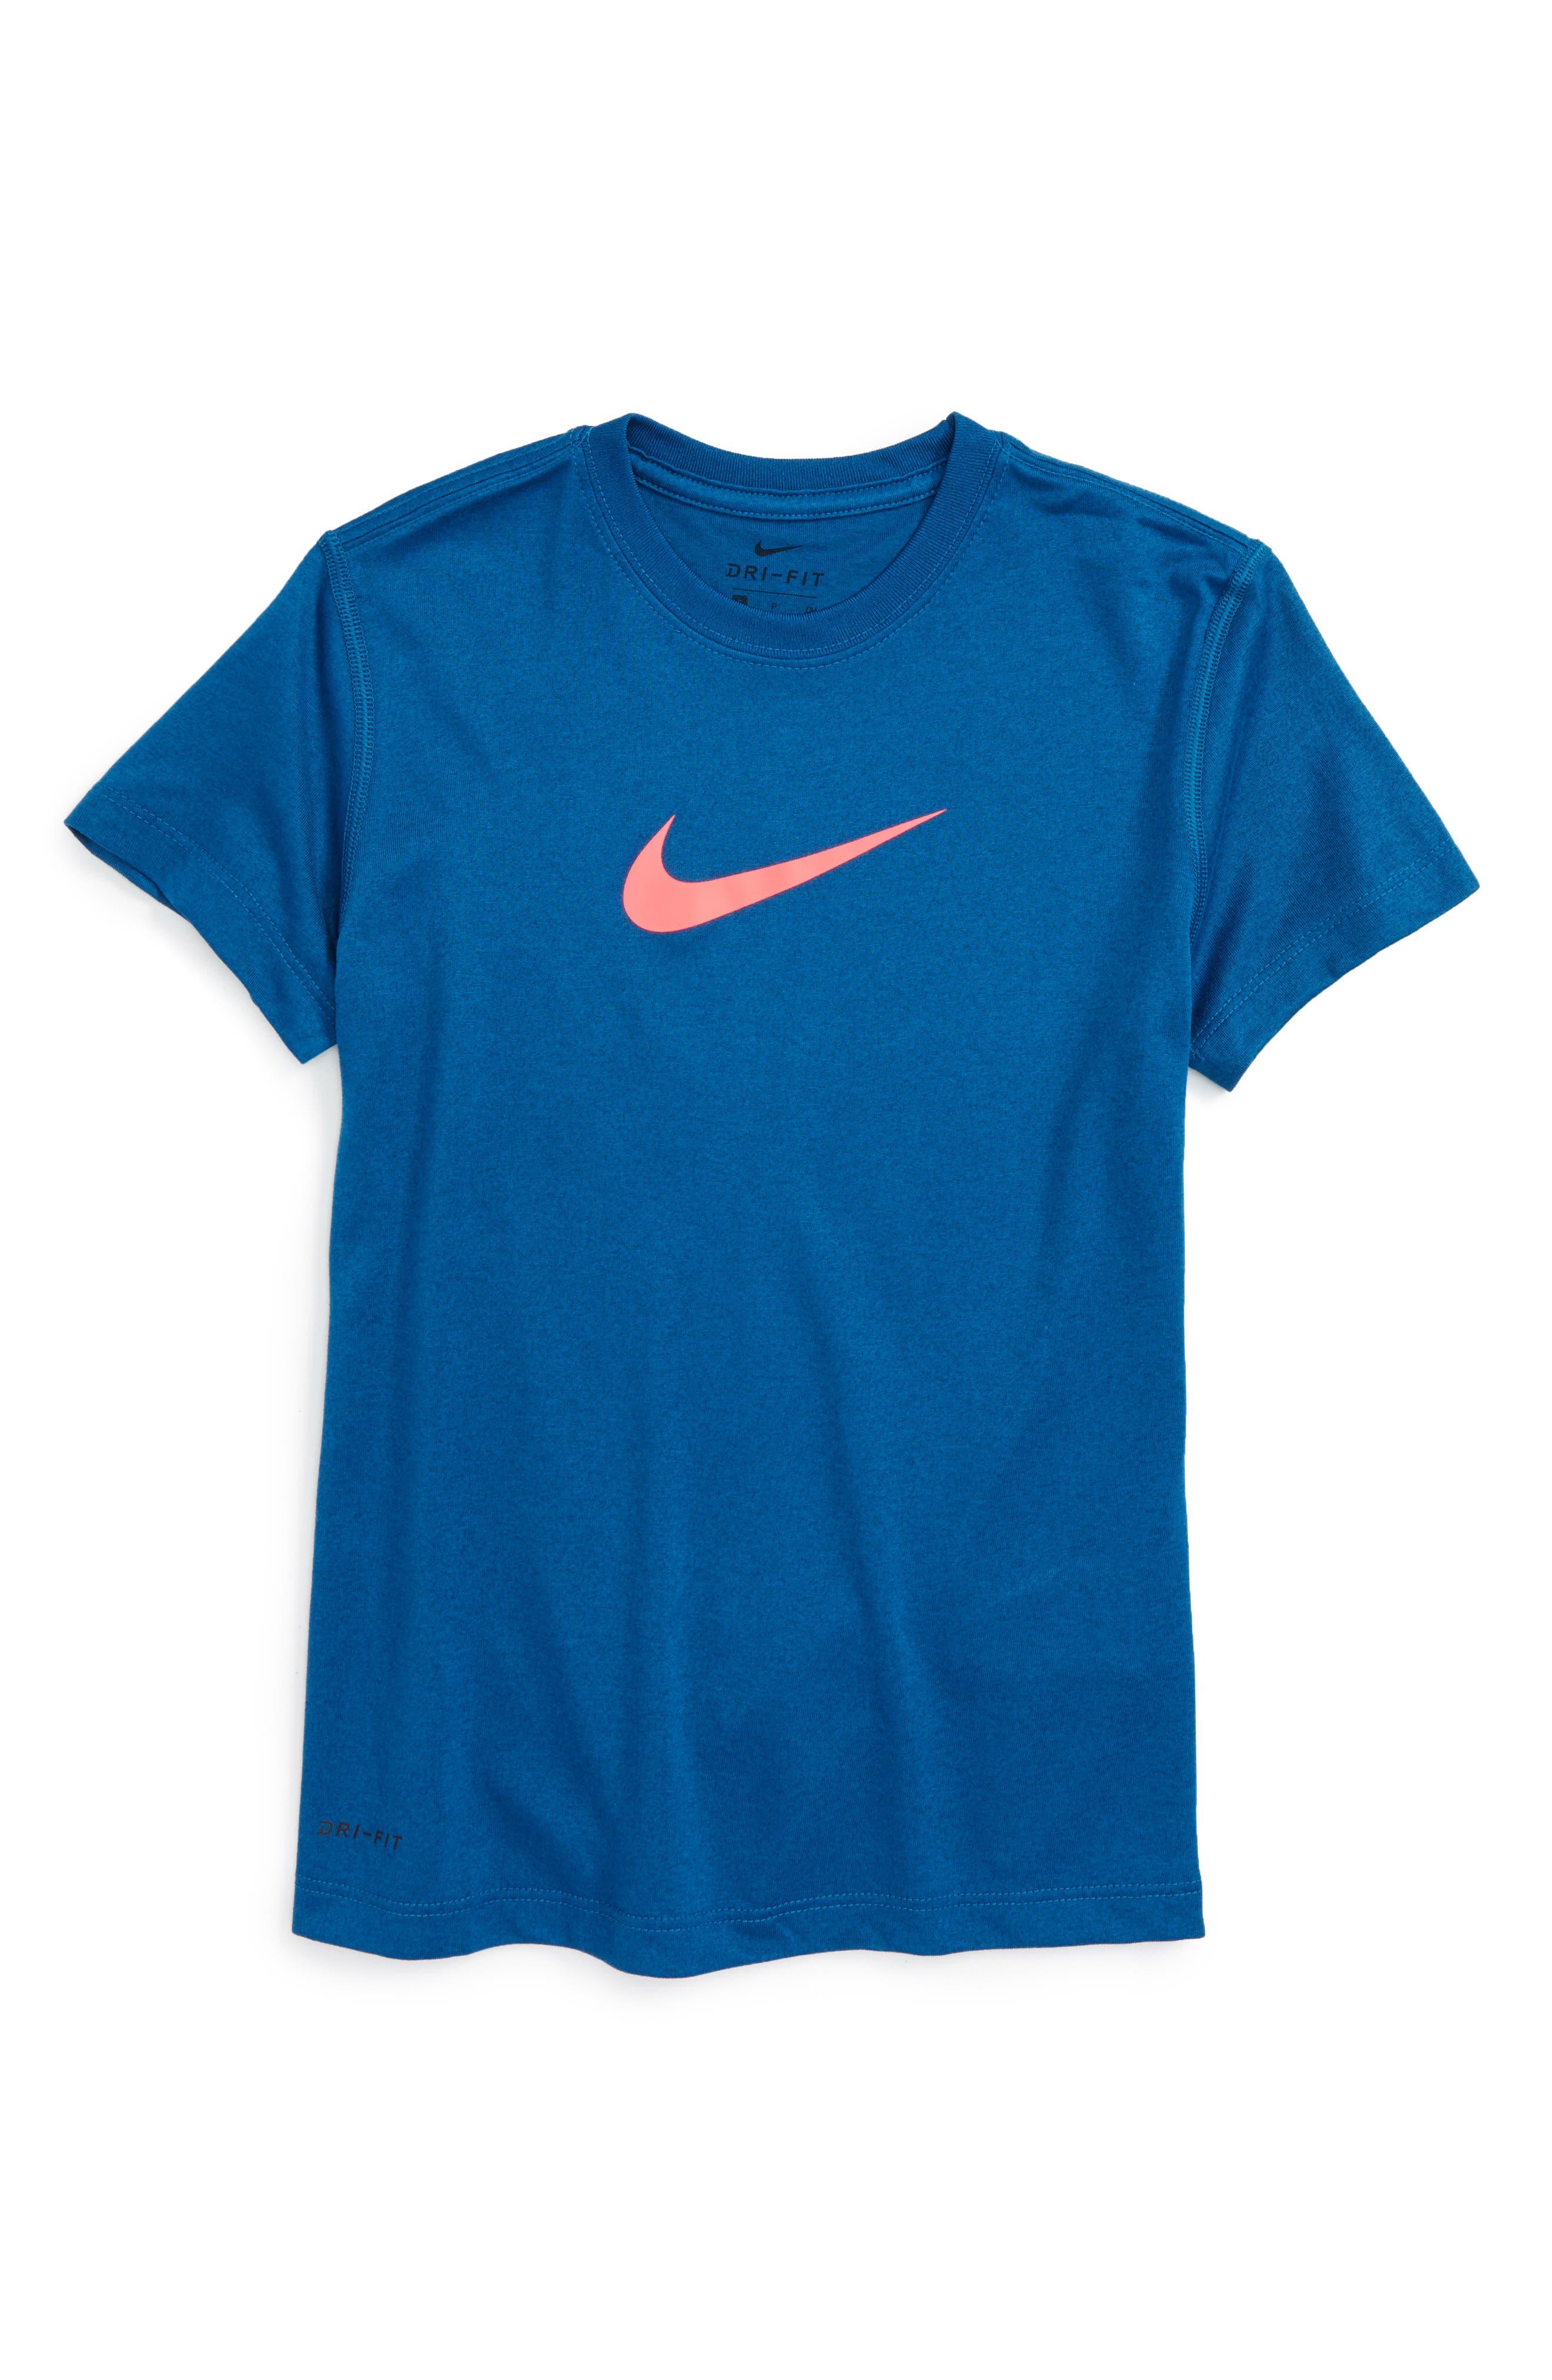 Alternate Image 1 Selected - Nike 'Legend' Top (Big Girls)(Online Only)